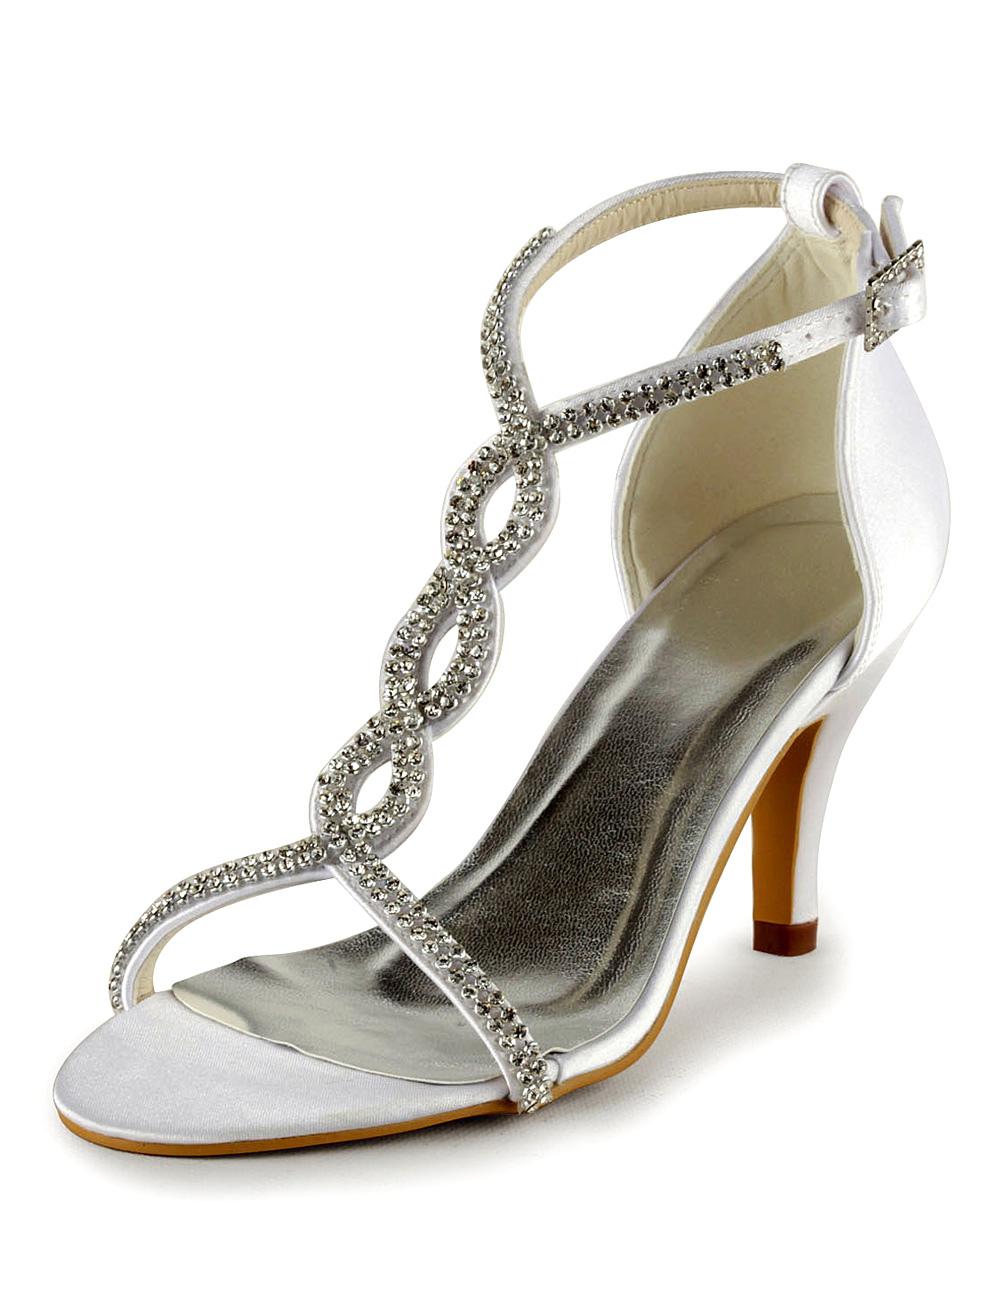 Chic Ivory PU Leather Rhinestone Open Toe Bridal Shoes